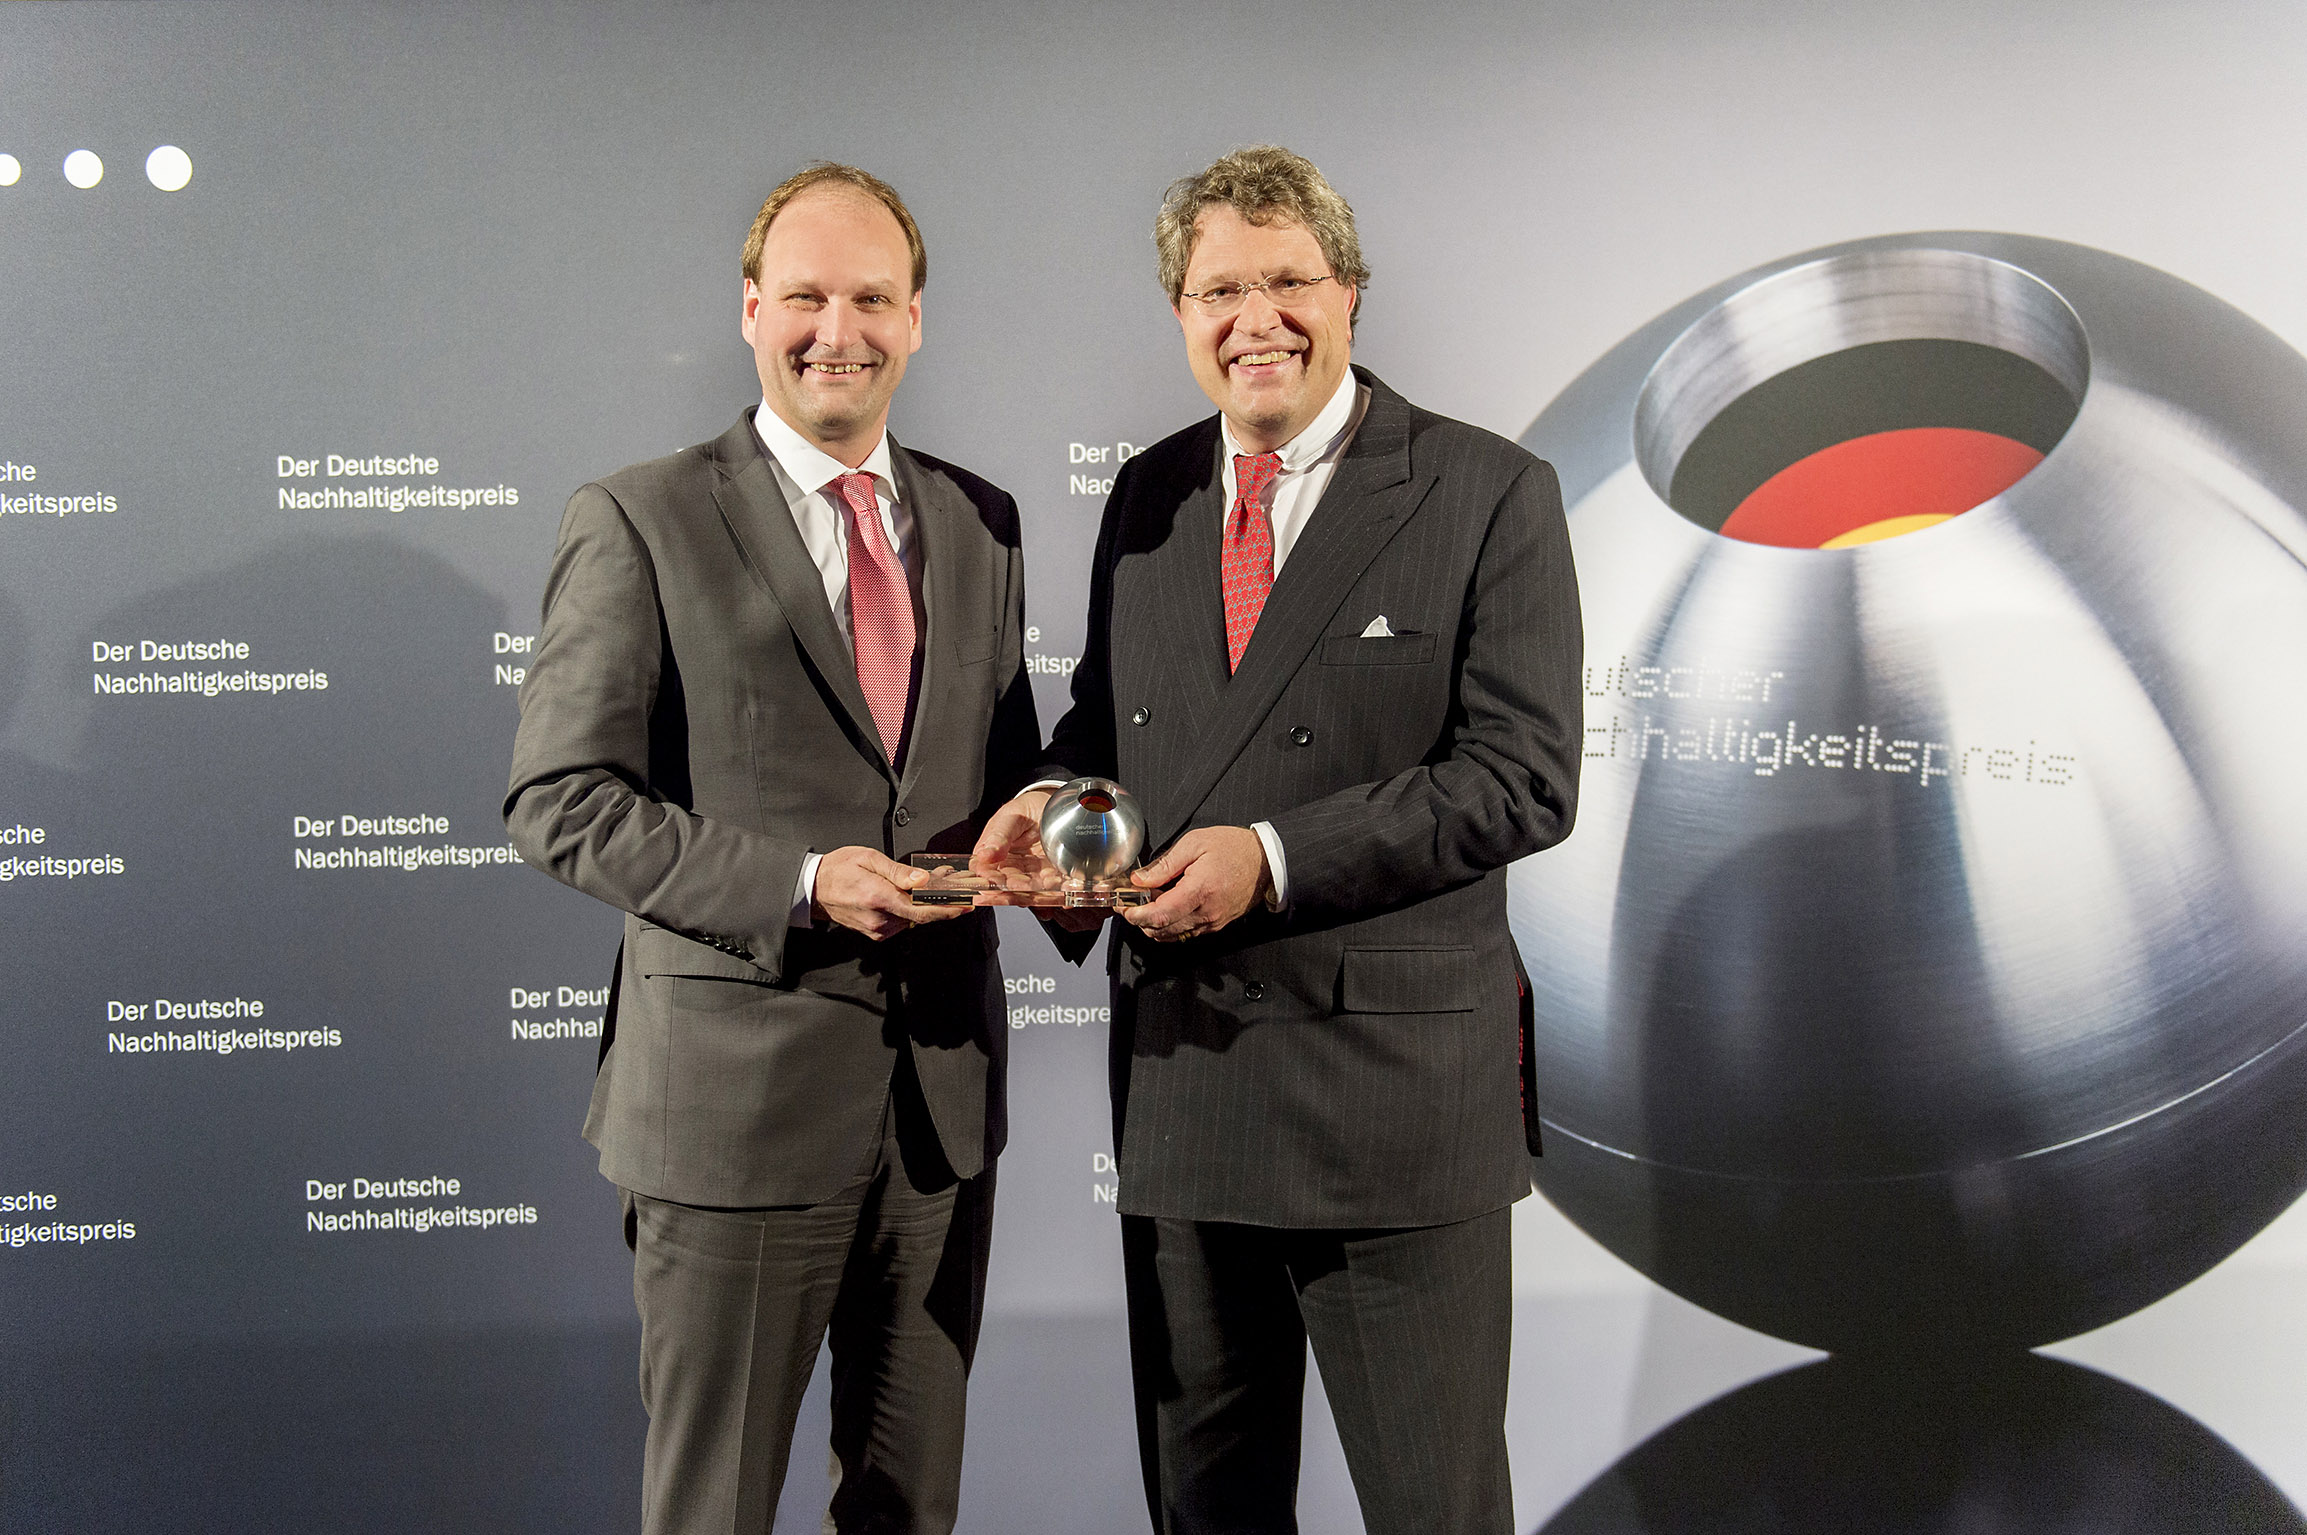 Miele vinder anerkendt tysk pris for sit vedholdende arbejde med bæredygtighed